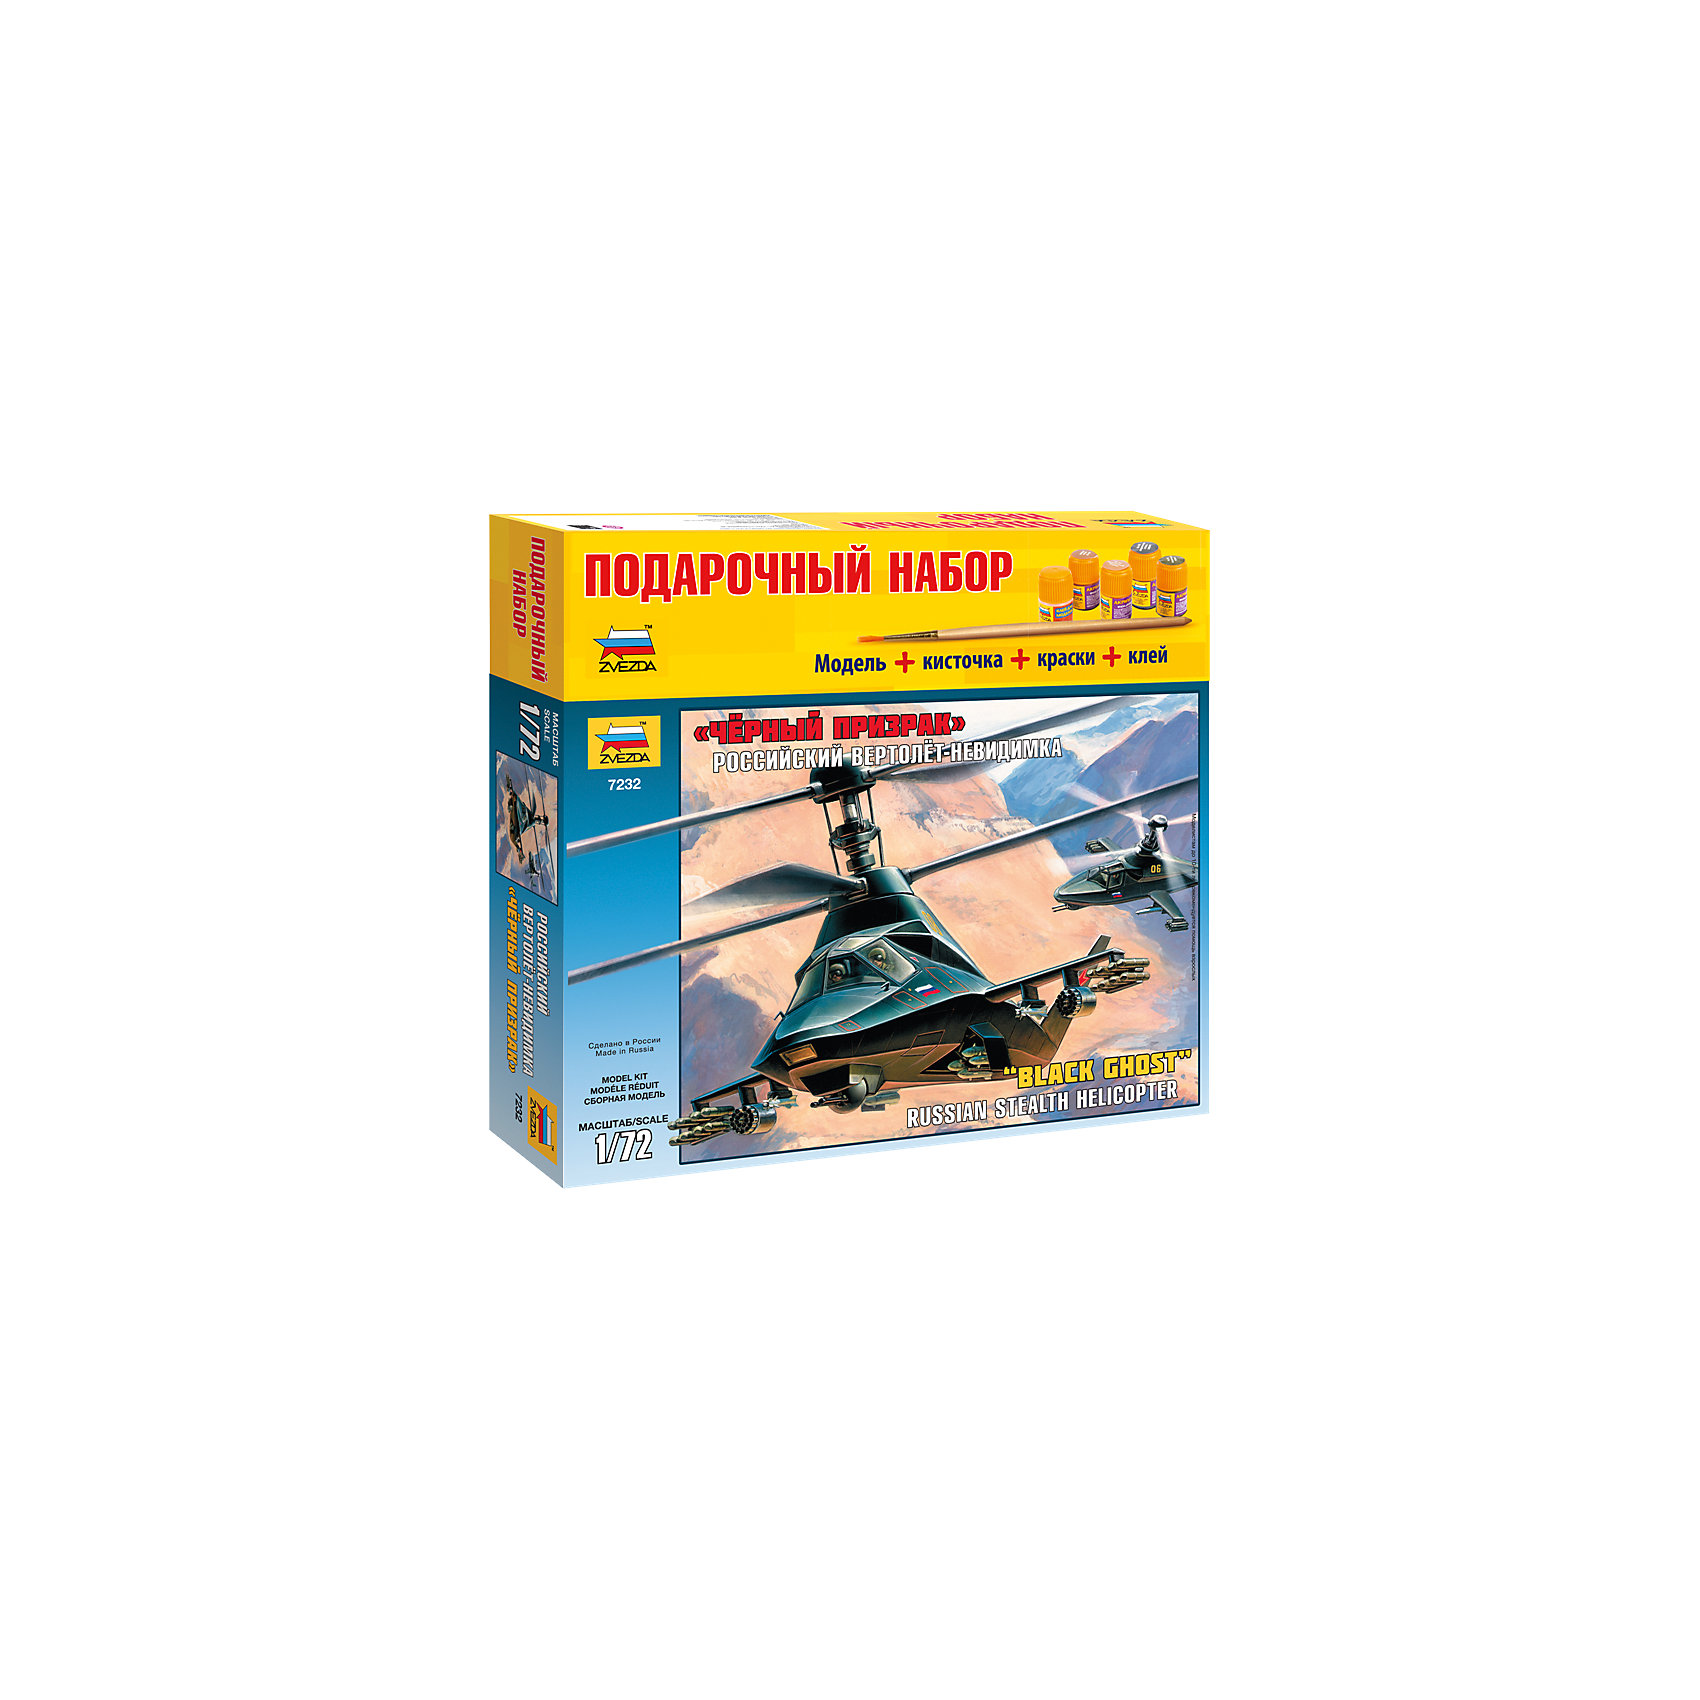 Подарочный набор Вертолет Ка-58 Черный призрак, ЗвездаПодарочный набор Вертолет Ка-58 Черный призрак, Звезда – позволит создать уменьшенную копию известного вертолета.<br>Подарочный набор Вертолет Ка-58 Черный призрак позволит вам и вашему ребенку собрать уменьшенную копию современного российского вертолета Ка-58, который многие знают под псевдонимом «Черный призрак». Многоцелевой всепогодный боевой вертолет - невидимка, оснащённый мощнейшим комплексом современного вооружения, позволяющего вести боевые действия в любое время суток и при любой погоде. Изготовлен с применением технологии стелс. Модель выполнена в пропорции 1:72. Подробная детализация, безупречное литье пластиковых деталей, точность воспроизведения не оставят равнодушными ни начинающих, ни продвинутых моделистов и авиалюбителей. Модель собирается при помощи специального клея. Процесс сборки развивает интеллектуальные и инструментальные способности, воображение и конструктивное мышление, а также прививает практические навыки работы со схемами и чертежами.<br><br>Дополнительная информация:<br><br>- В наборе: 123 детали для сборки, клей, кисточка, краски<br>- Длина собранной модели: 19,7 см.<br>- Масштаб: 1:72<br>- Материал: высококачественный пластик<br>- Размер упаковки: 275x300x50 мм.<br>- Вес: 580 гр.<br><br>Подарочный набор Вертолет Ка-58 Черный призрак, Звезда можно купить в нашем интернет-магазине.<br><br>Ширина мм: 310<br>Глубина мм: 50<br>Высота мм: 280<br>Вес г: 590<br>Возраст от месяцев: 60<br>Возраст до месяцев: 192<br>Пол: Мужской<br>Возраст: Детский<br>SKU: 4060341